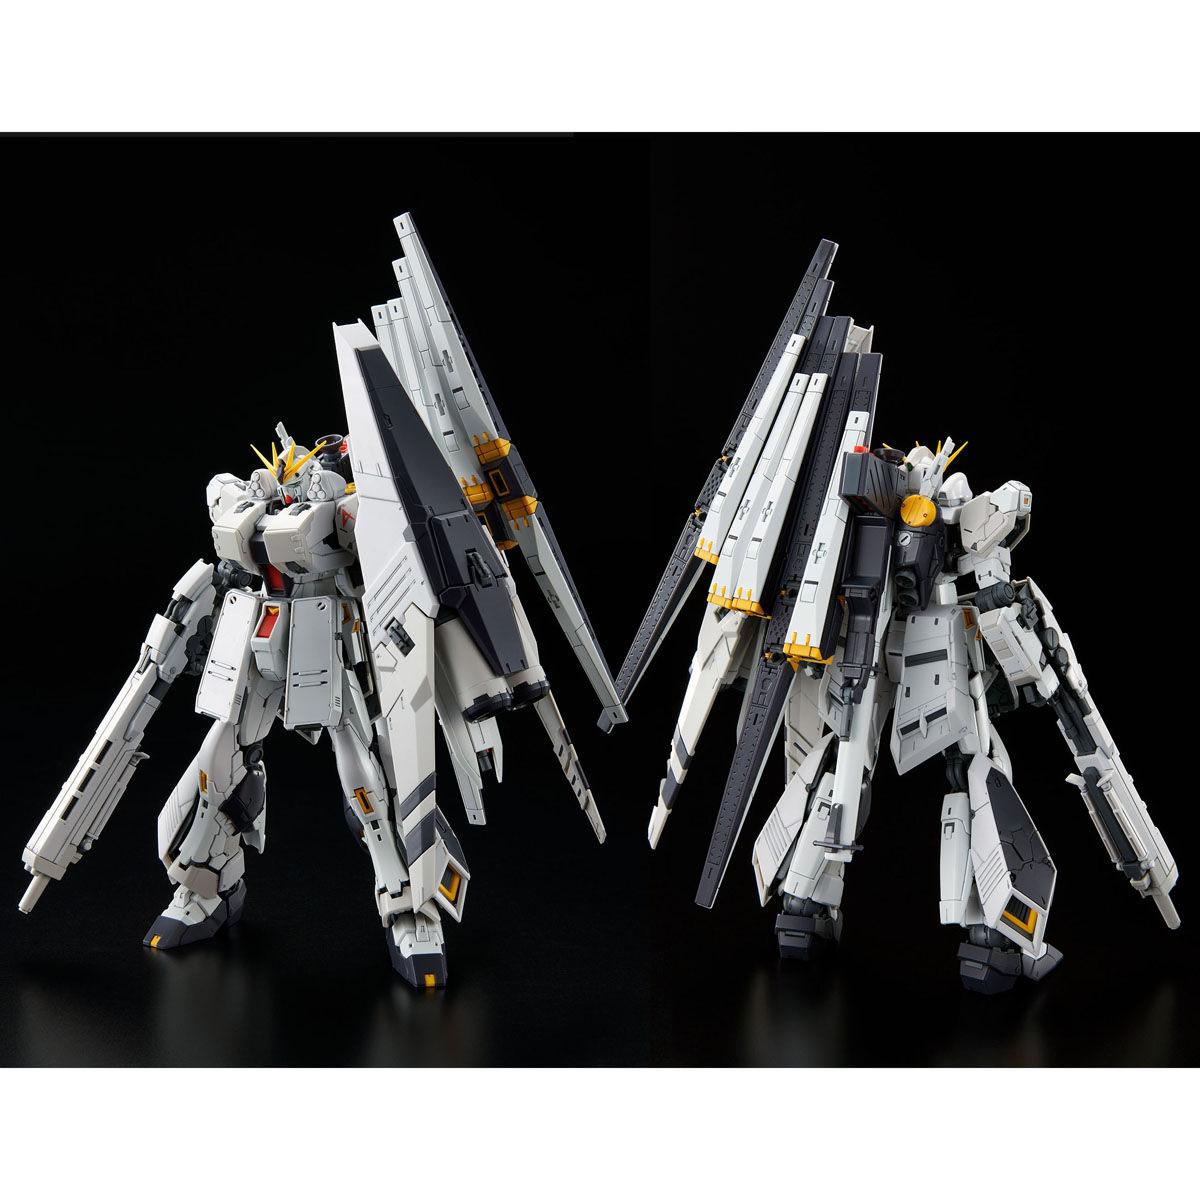 【限定販売】RG 1/144『νガンダム HWS』逆襲のシャア プラモデル-002